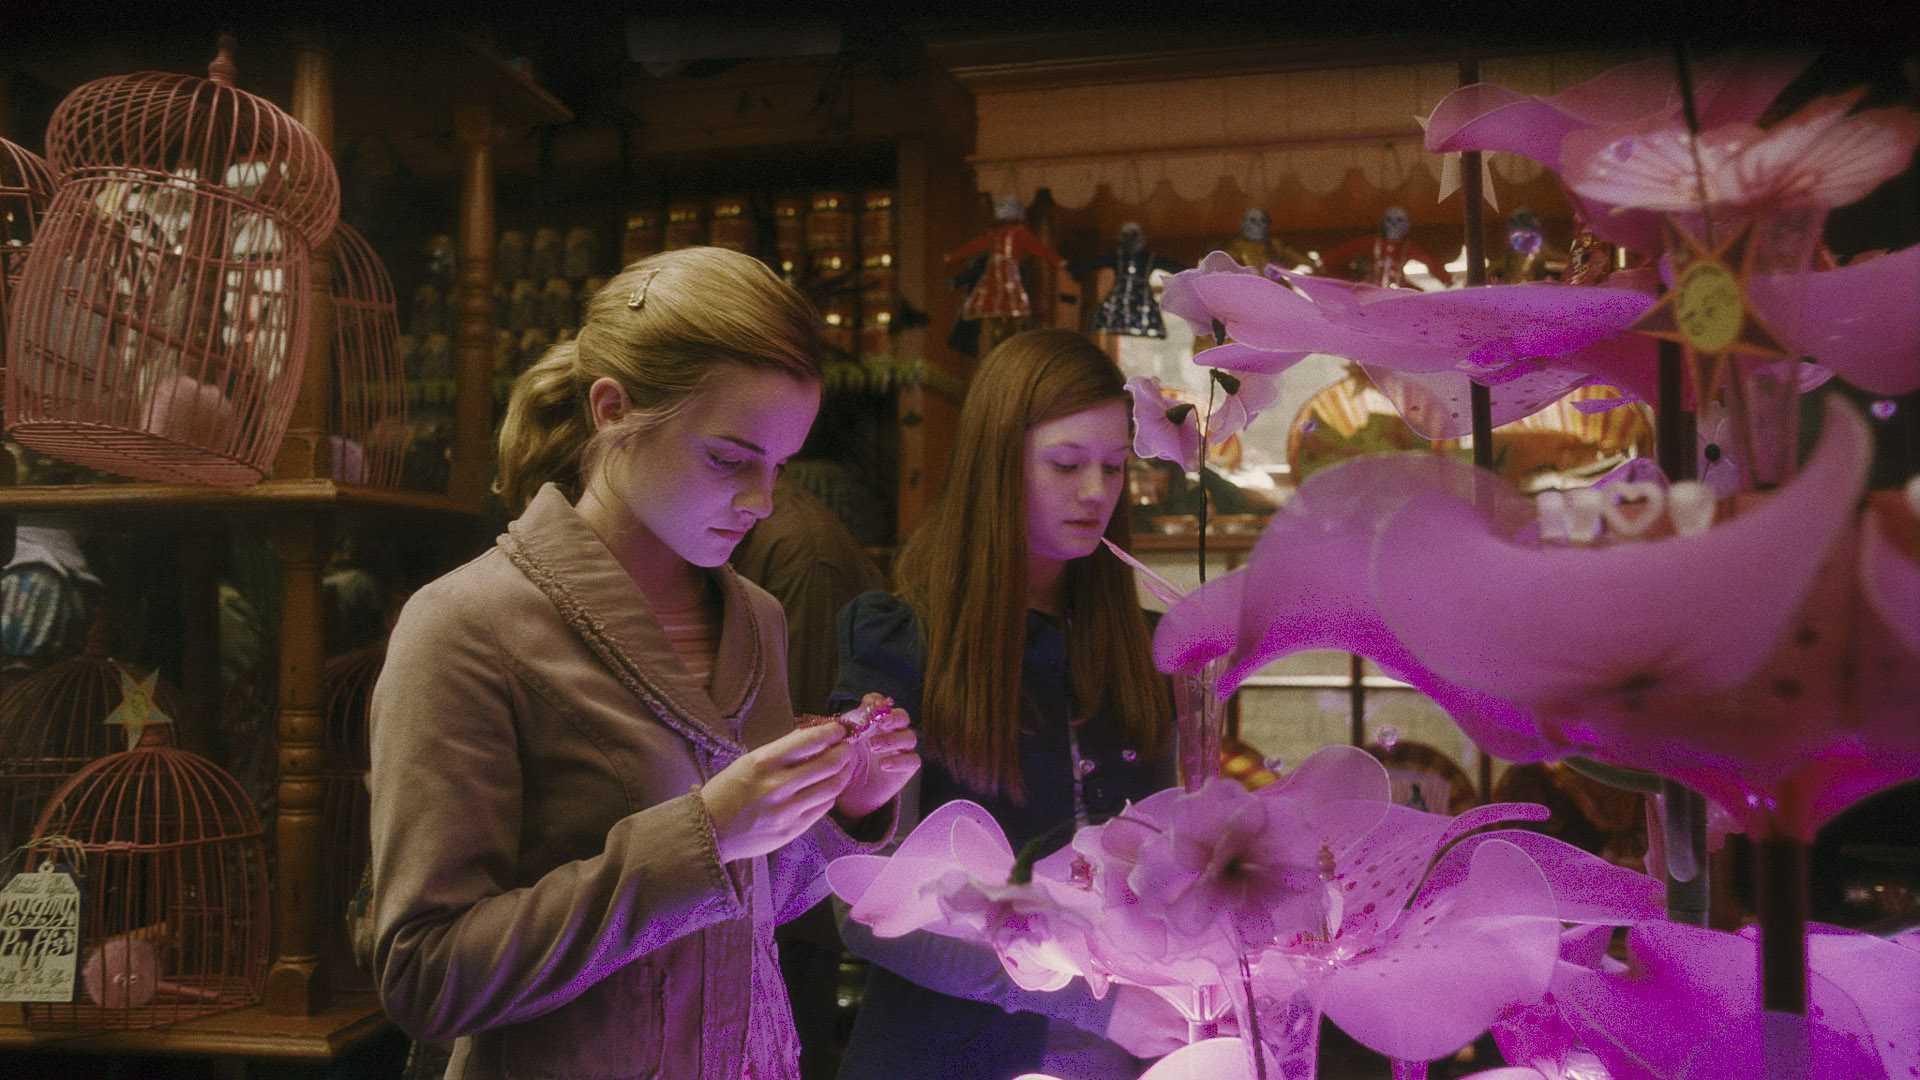 hermione ginny: